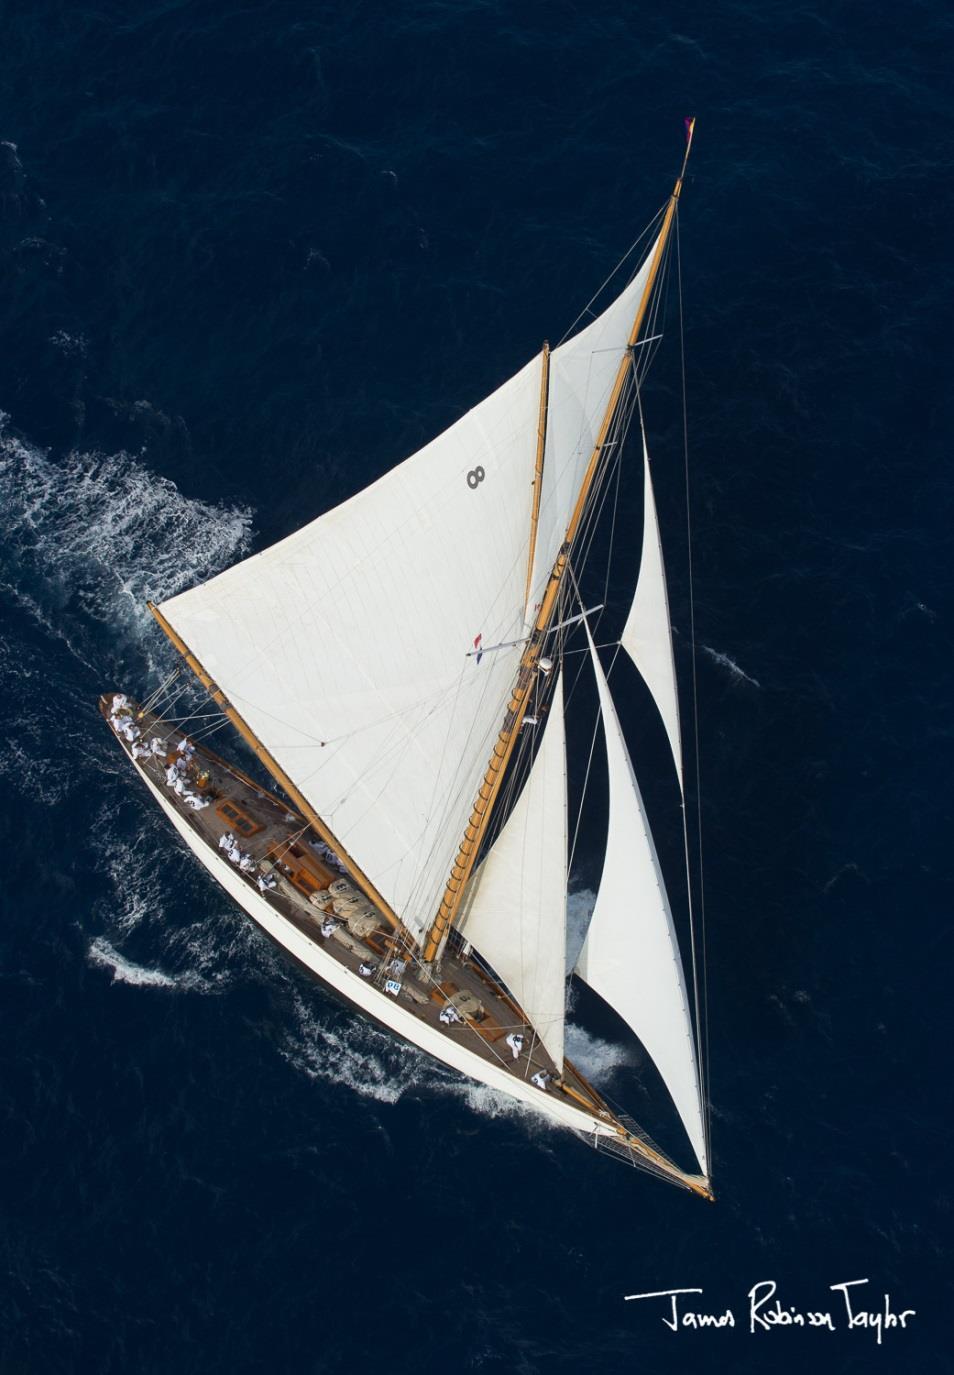 Régates Royales 2016, 18 -23 septembre, Cannes, Yachting classique, www.yachtingclassique.com, trophee Panerai 2016